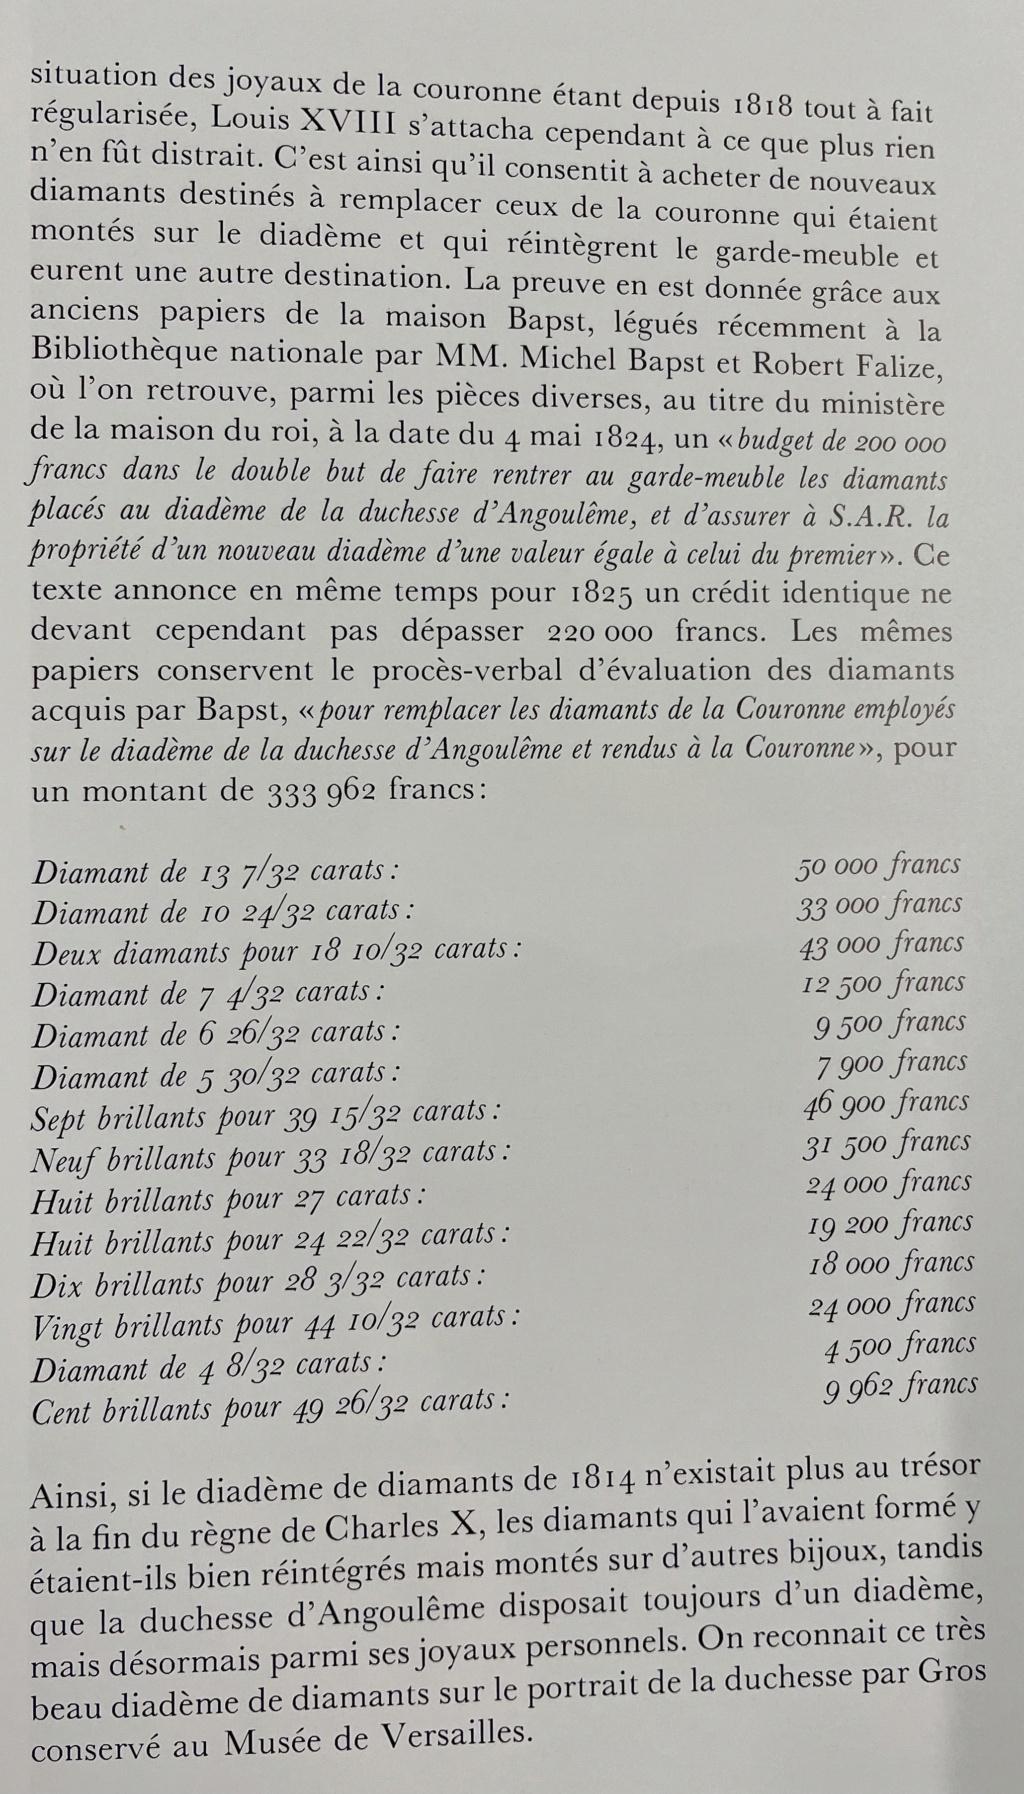 Bijoux de Marie-Antoinette : bracelets de diamants  - Page 2 42f3df10